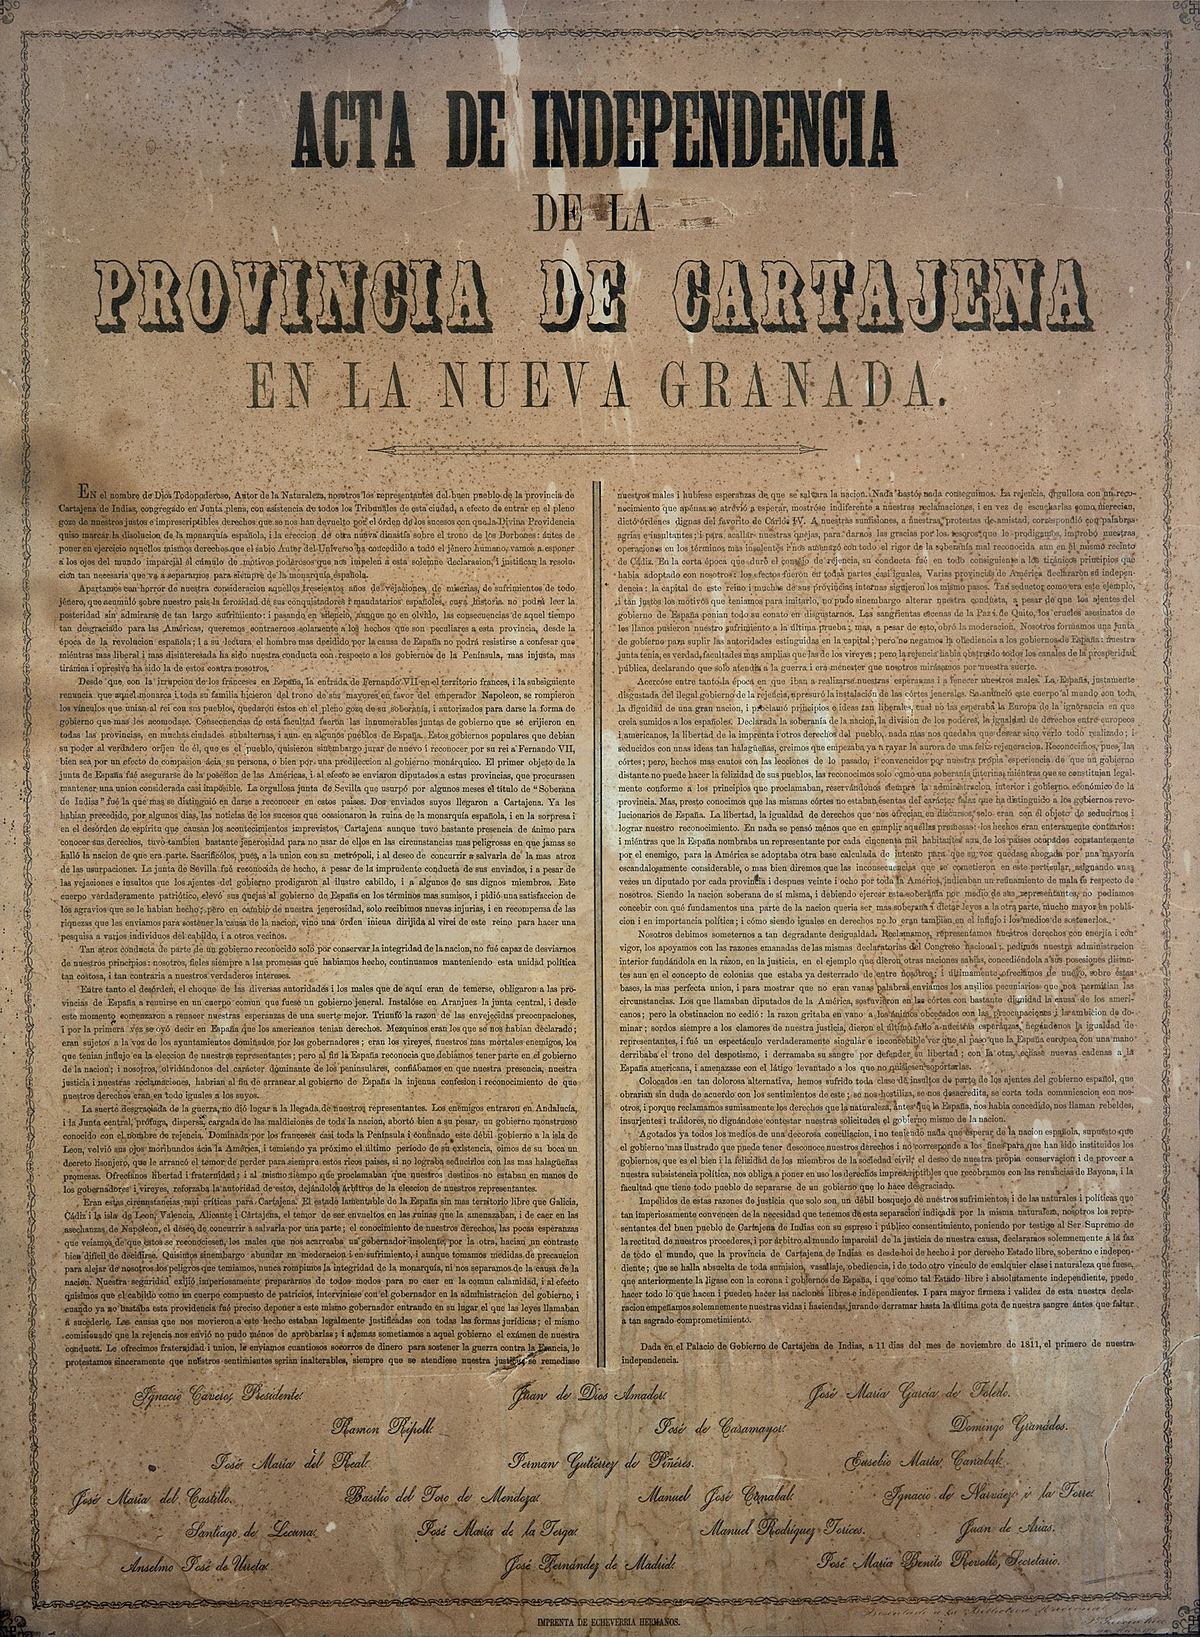 Historia de Cartagena de Indias - Wikipedia, la enciclopedia libre